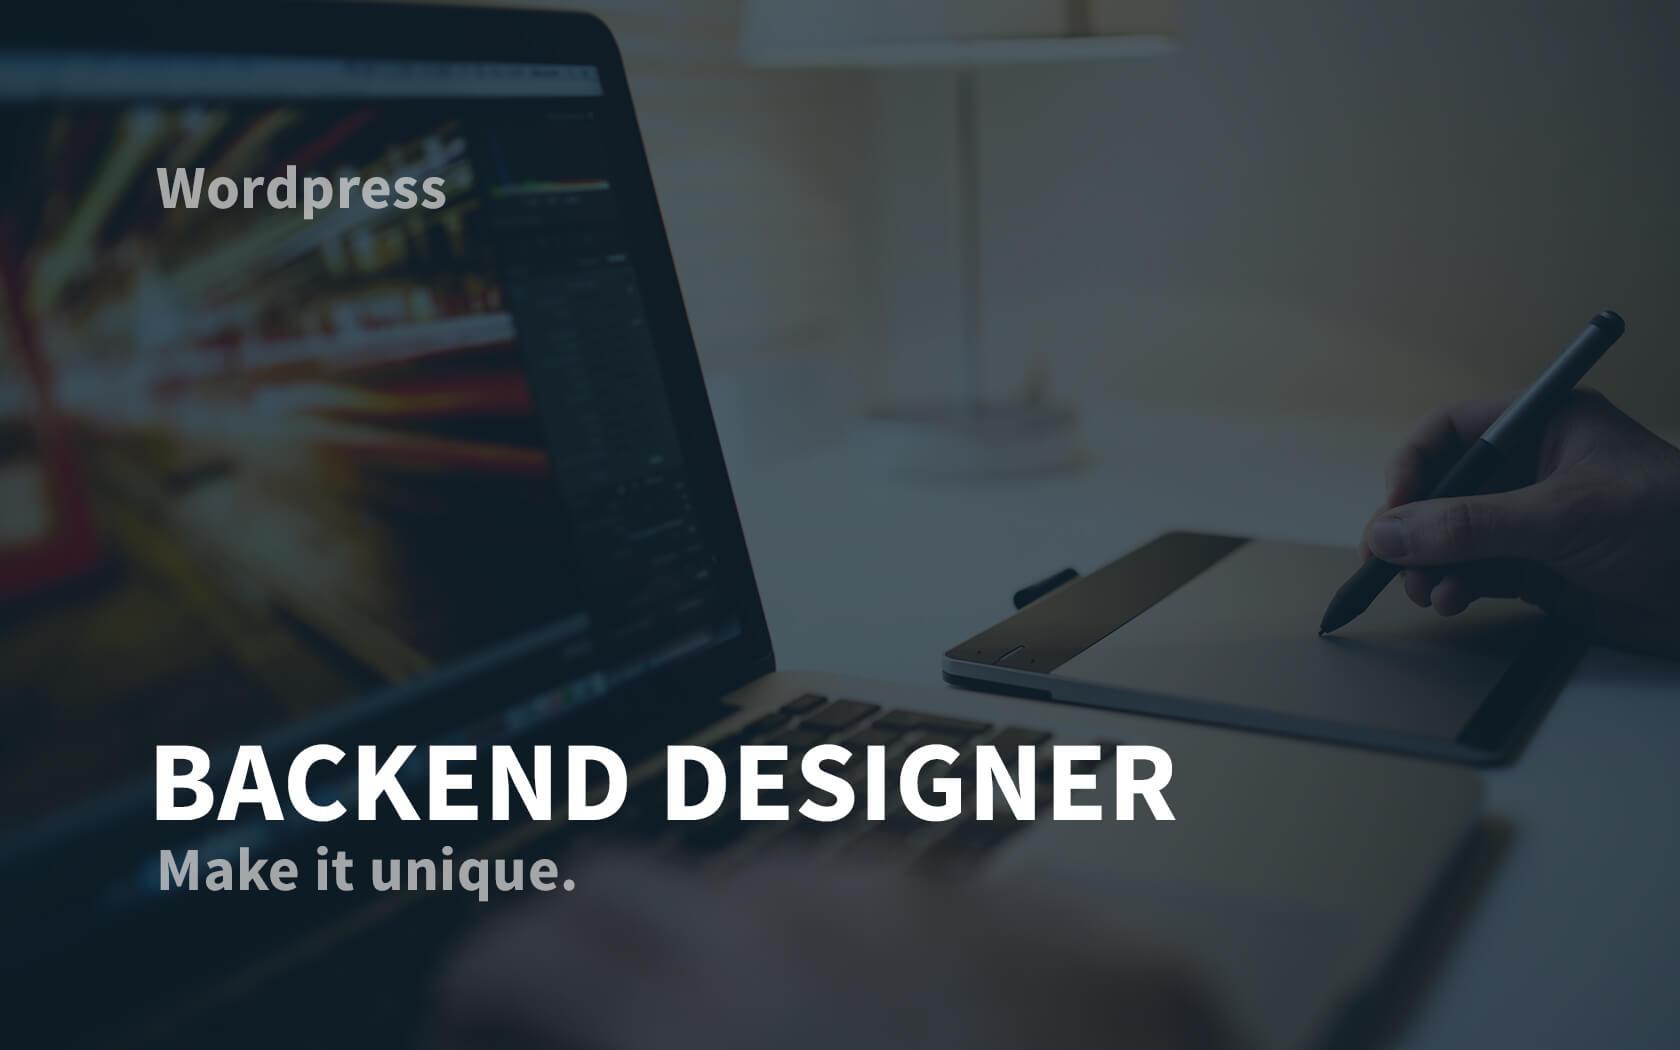 backenddesignermockup